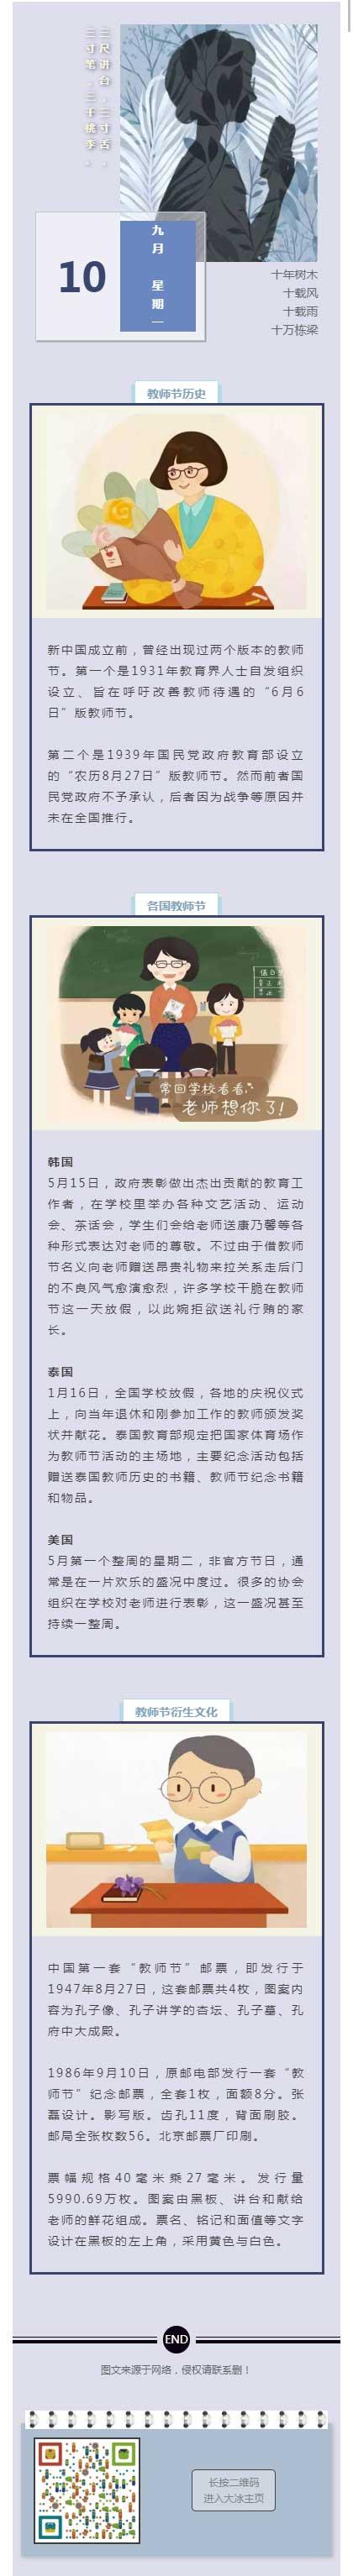 教师节9月10日紫色文章模板